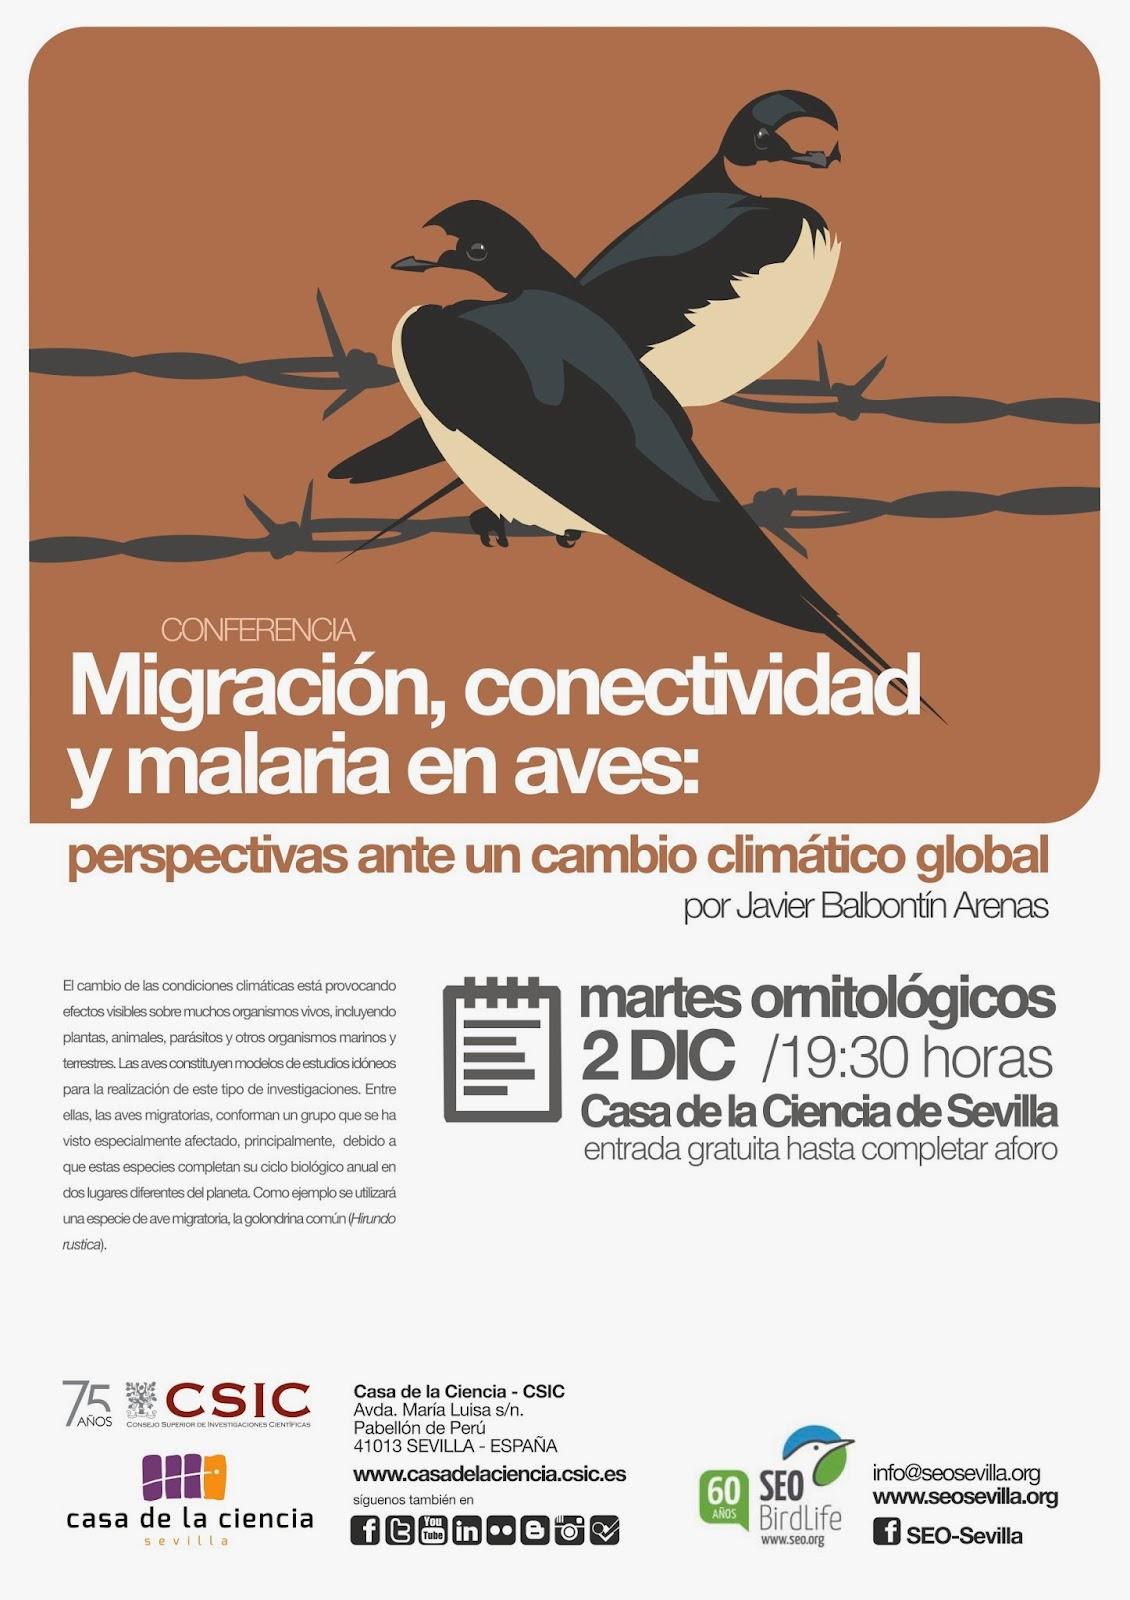 """Conferencia ornitológica organizada por el Grupo Local SEO-Sevilla de SEO/BirdLife en el museo Casa de la Ciencia de Sevilla. """"Migración, conectividad y malaria en aves"""". Por Javier Balbontín Arenas."""